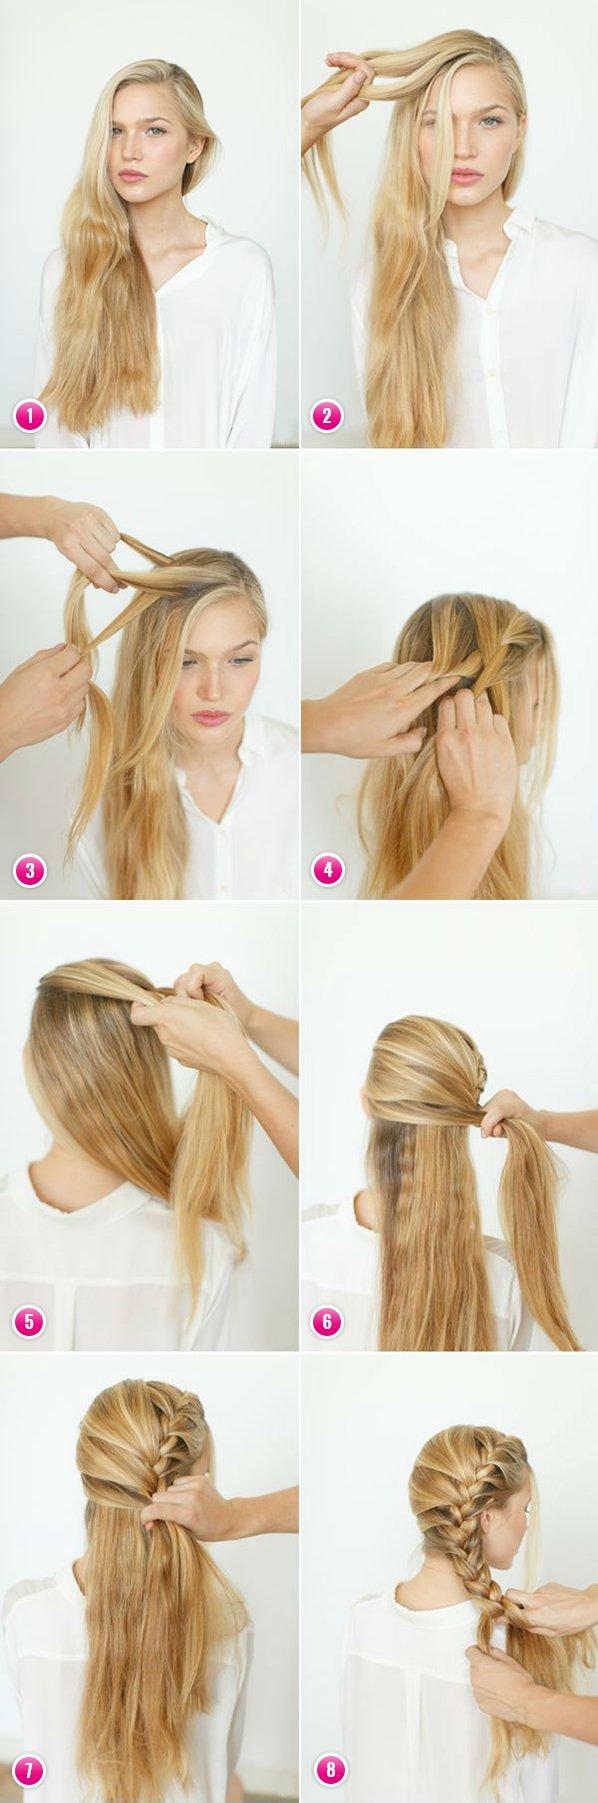 Как можно заплести волосы в школу самой себе - 575d